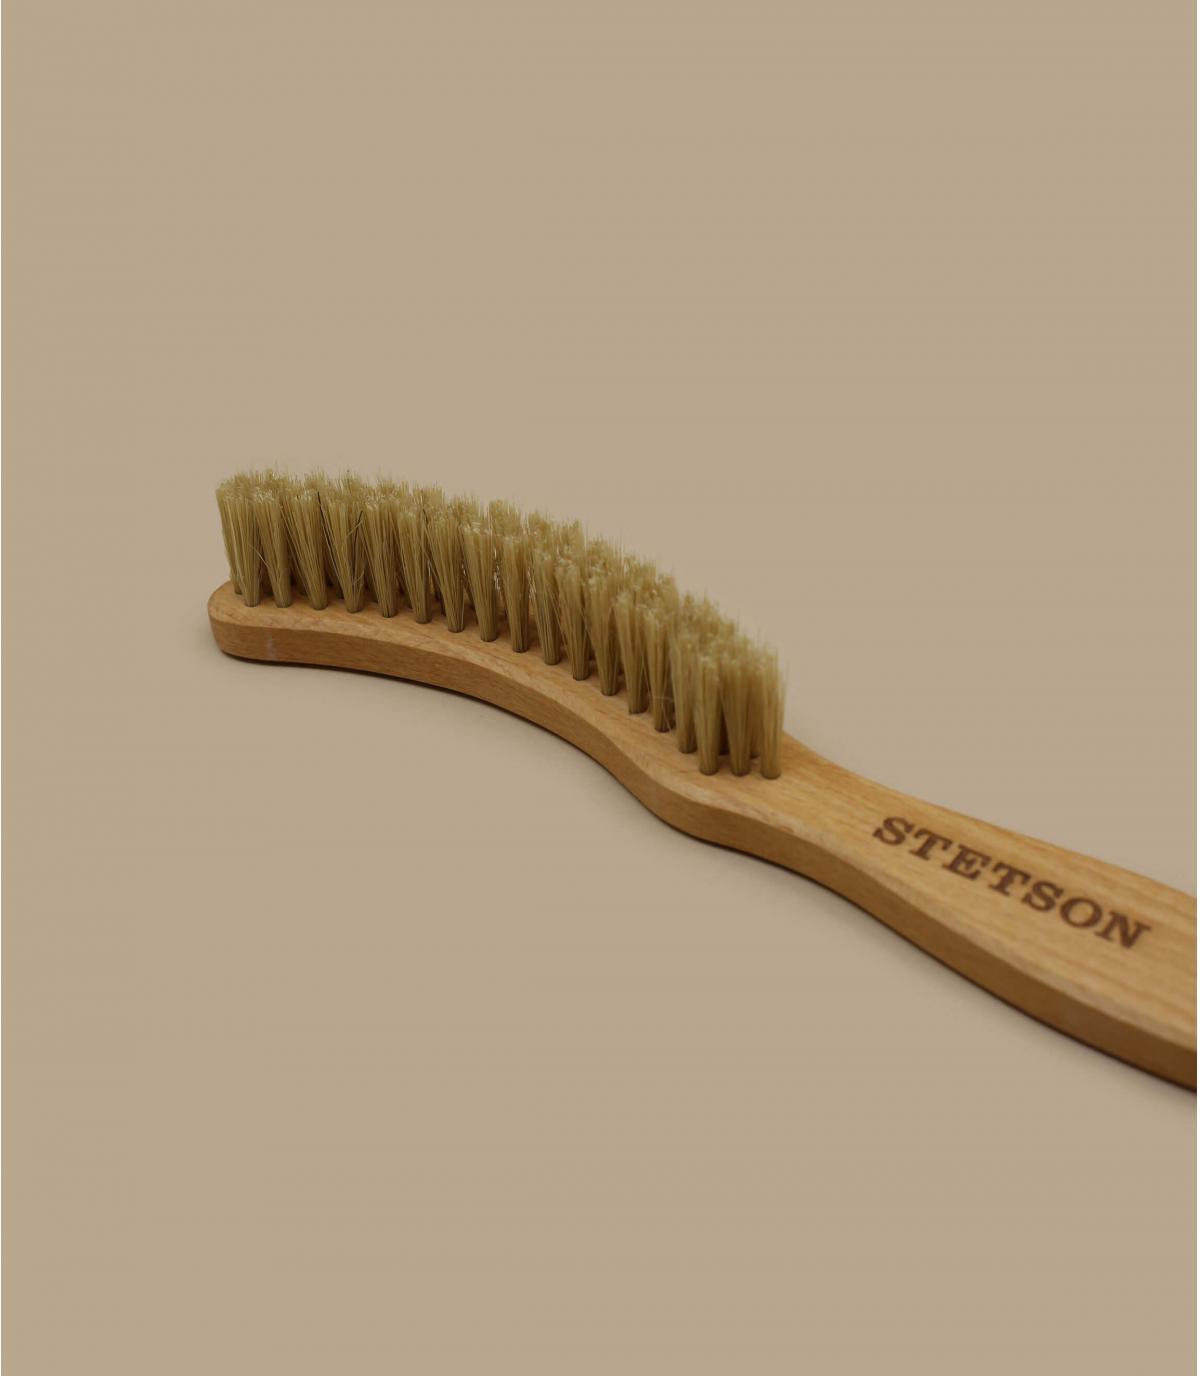 Détails Stetson Hat brush - image 2